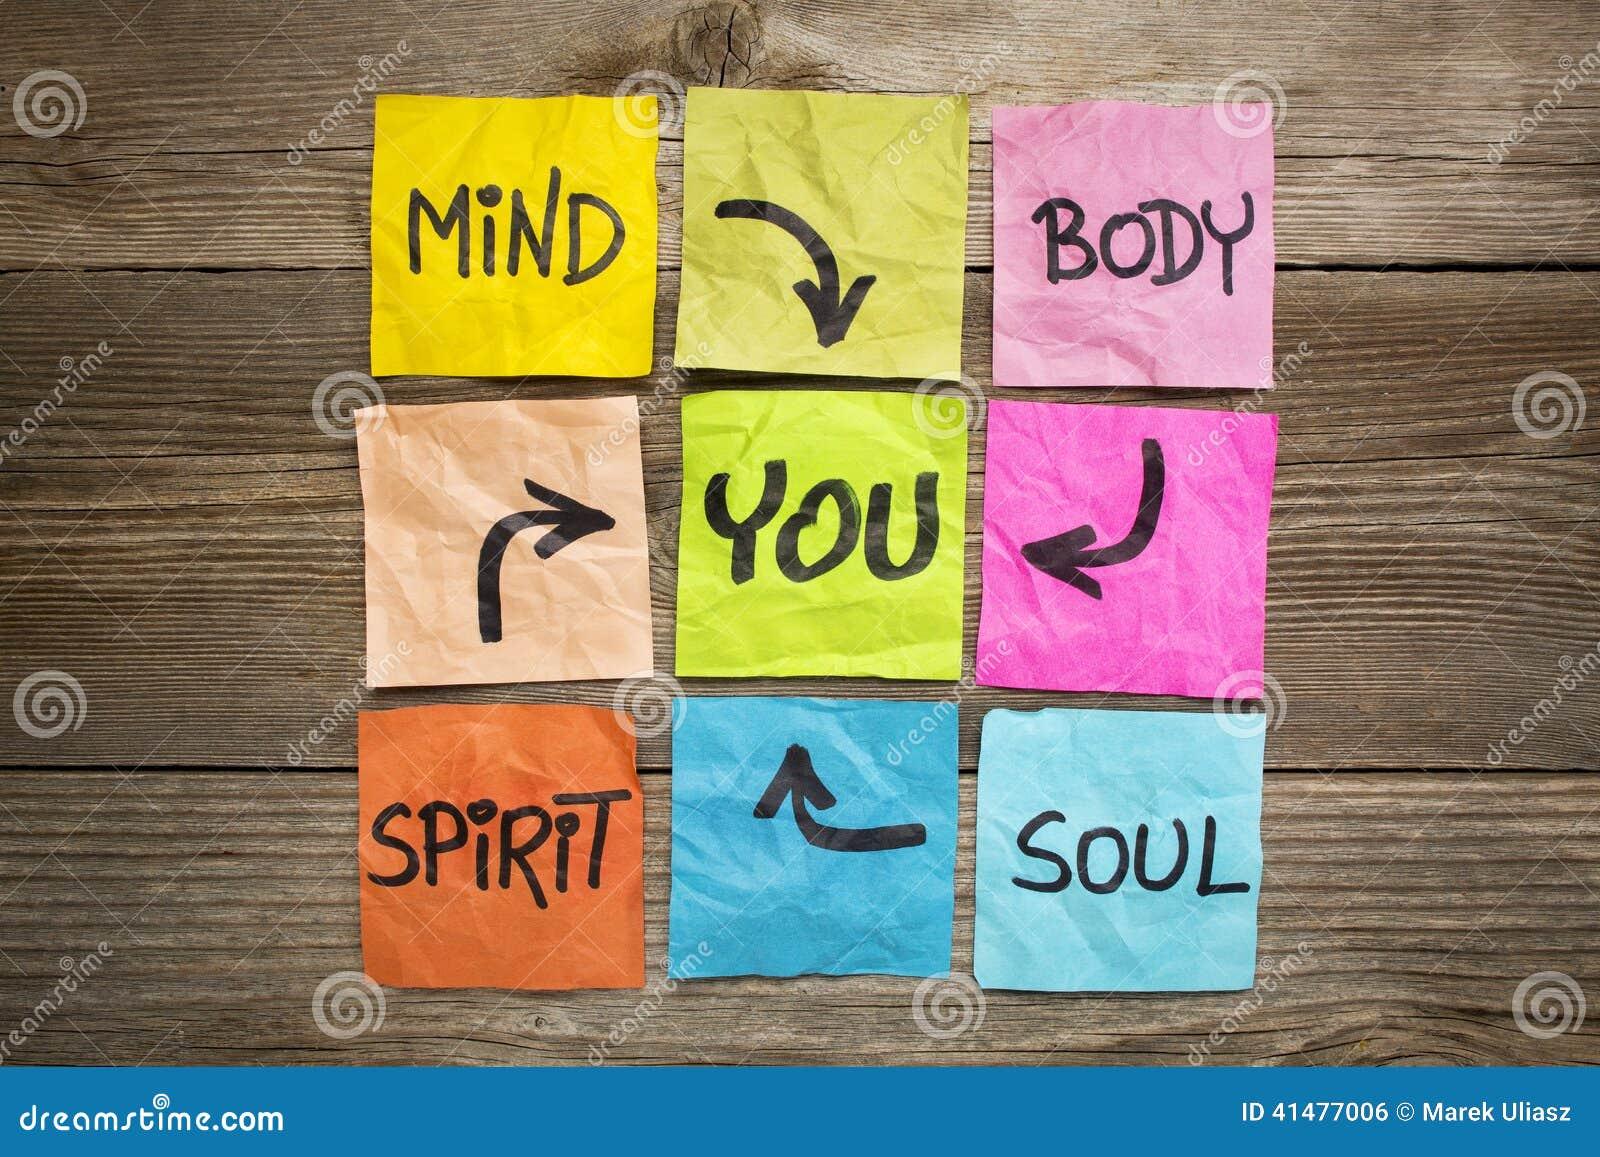 Mening, lichaam, geest, ziel en u